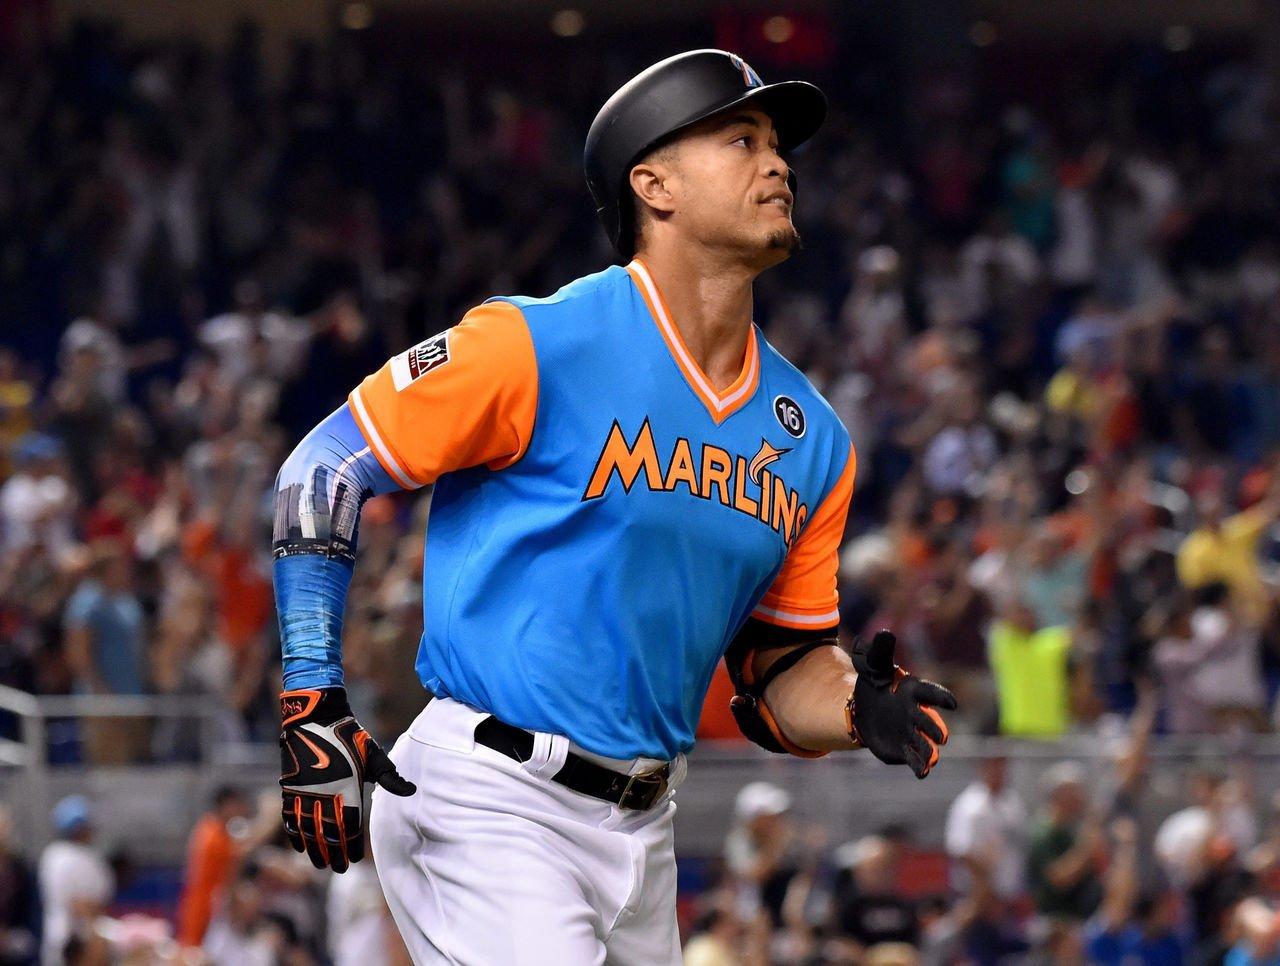 Как сыграют Вашингтон и Майами На что делать ставки на бейсбол 8 Августа 2017